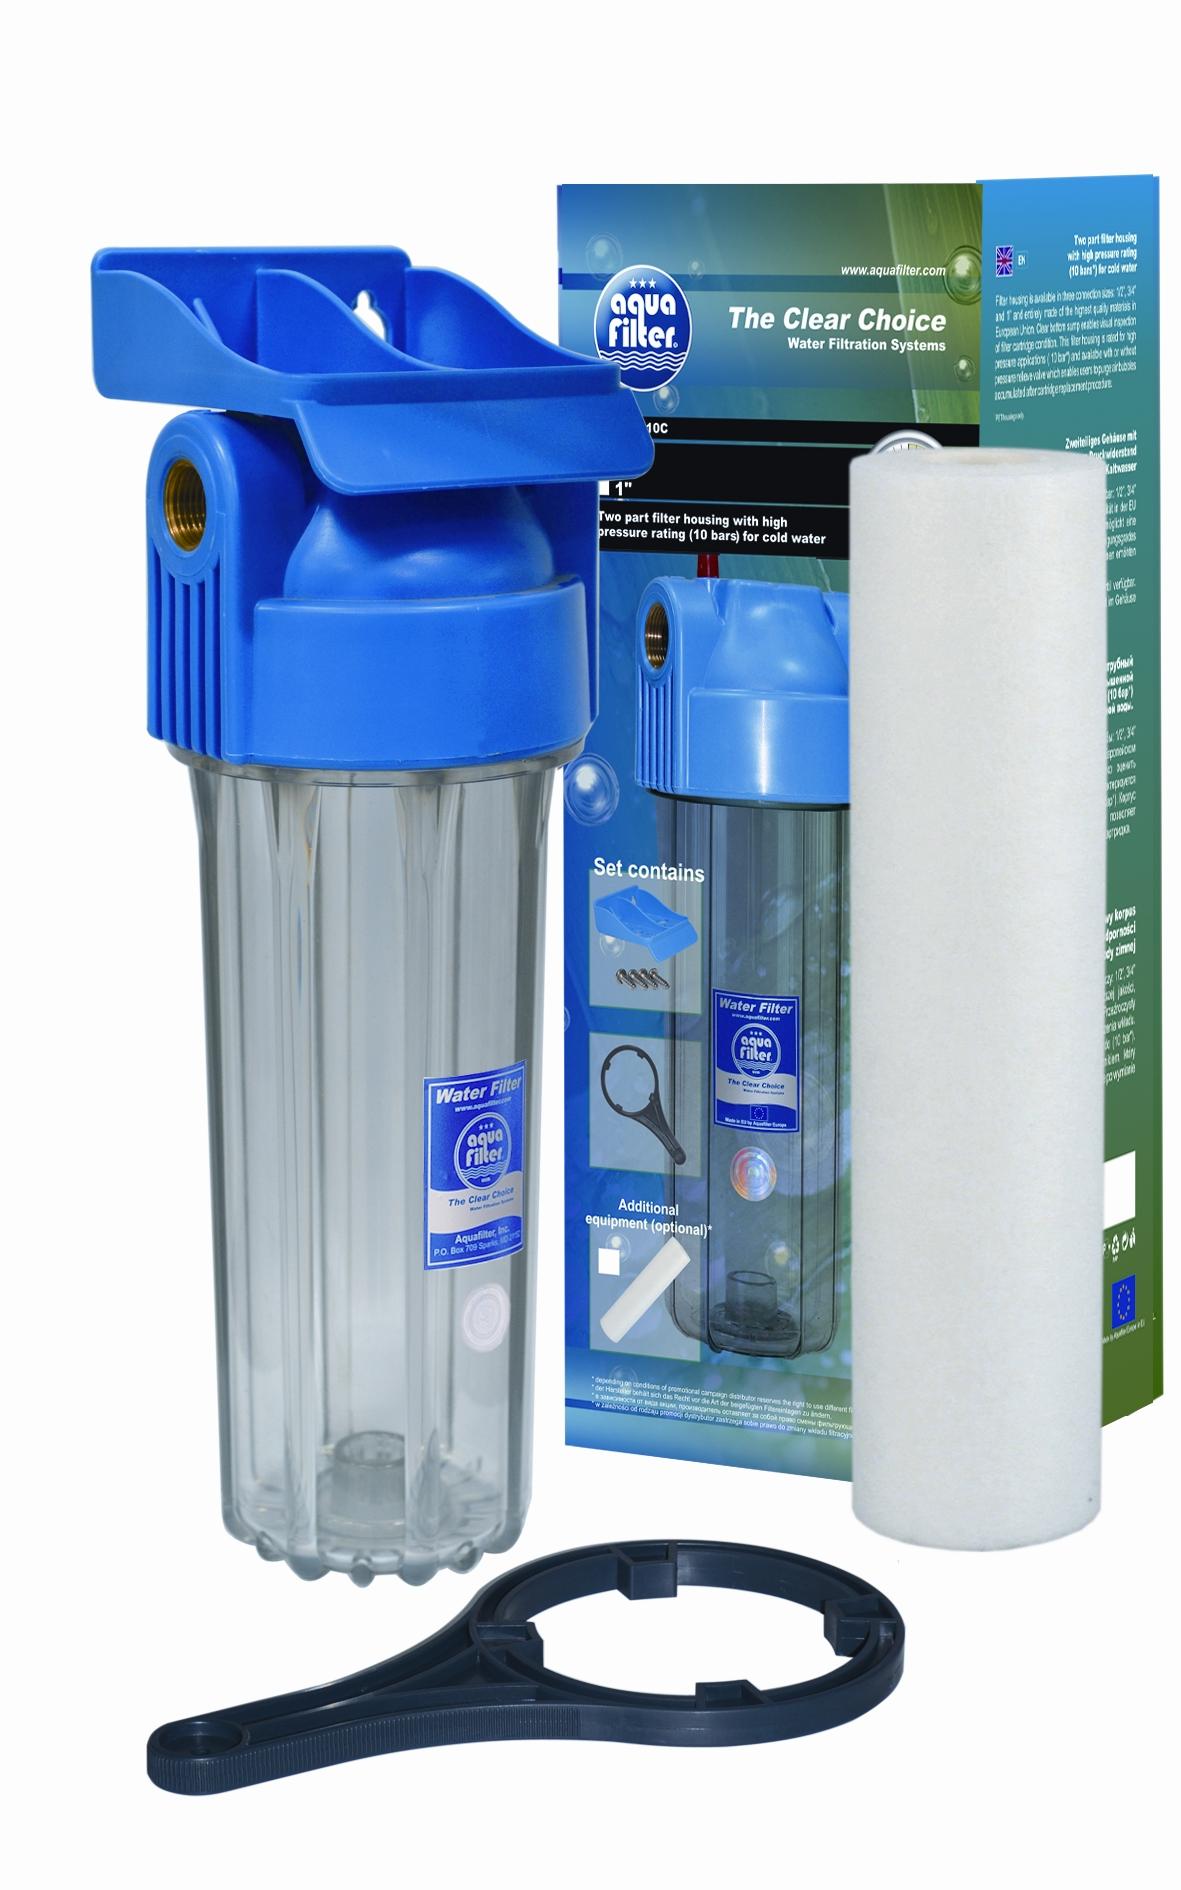 Фильтр магистральный для воды AquafilterФильтры для воды<br>Тип фильтра для воды: магистральный,<br>Назначение фильтра для воды: для холодной воды,<br>Функциональные особенности фильтра для воды: механической очистки,<br>Размер фильтра: 10,<br>Подключение к водопроводу: Есть,<br>Давление: 10 бар<br>